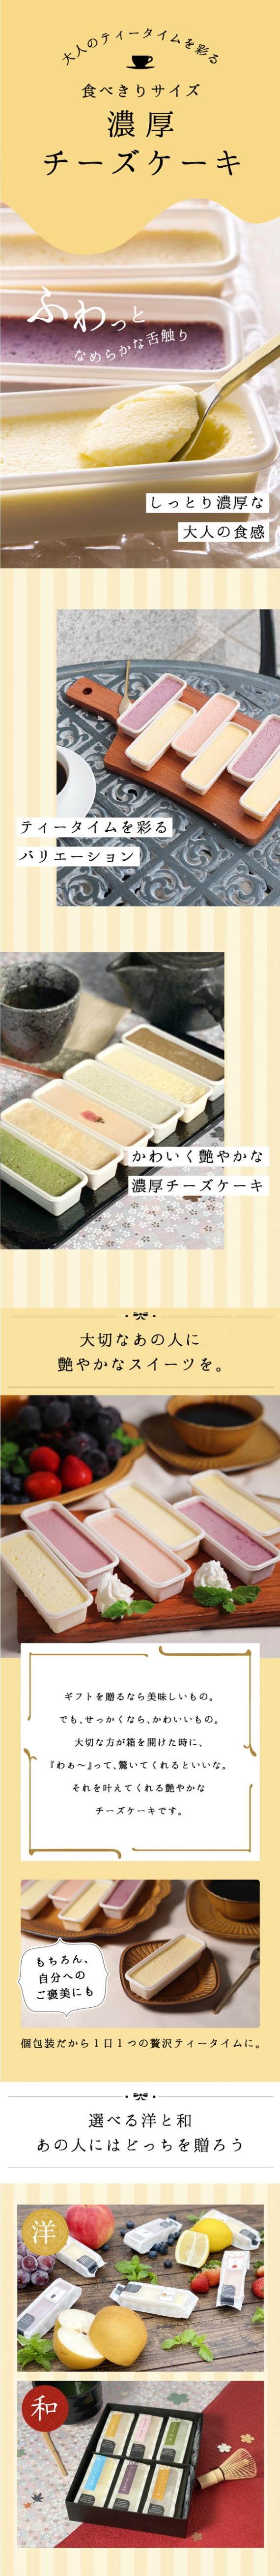 【カスターニャ】6種のチーズケーキ〜洋・和選べるセット〜【母の日2021】【スイーツ・和菓子】